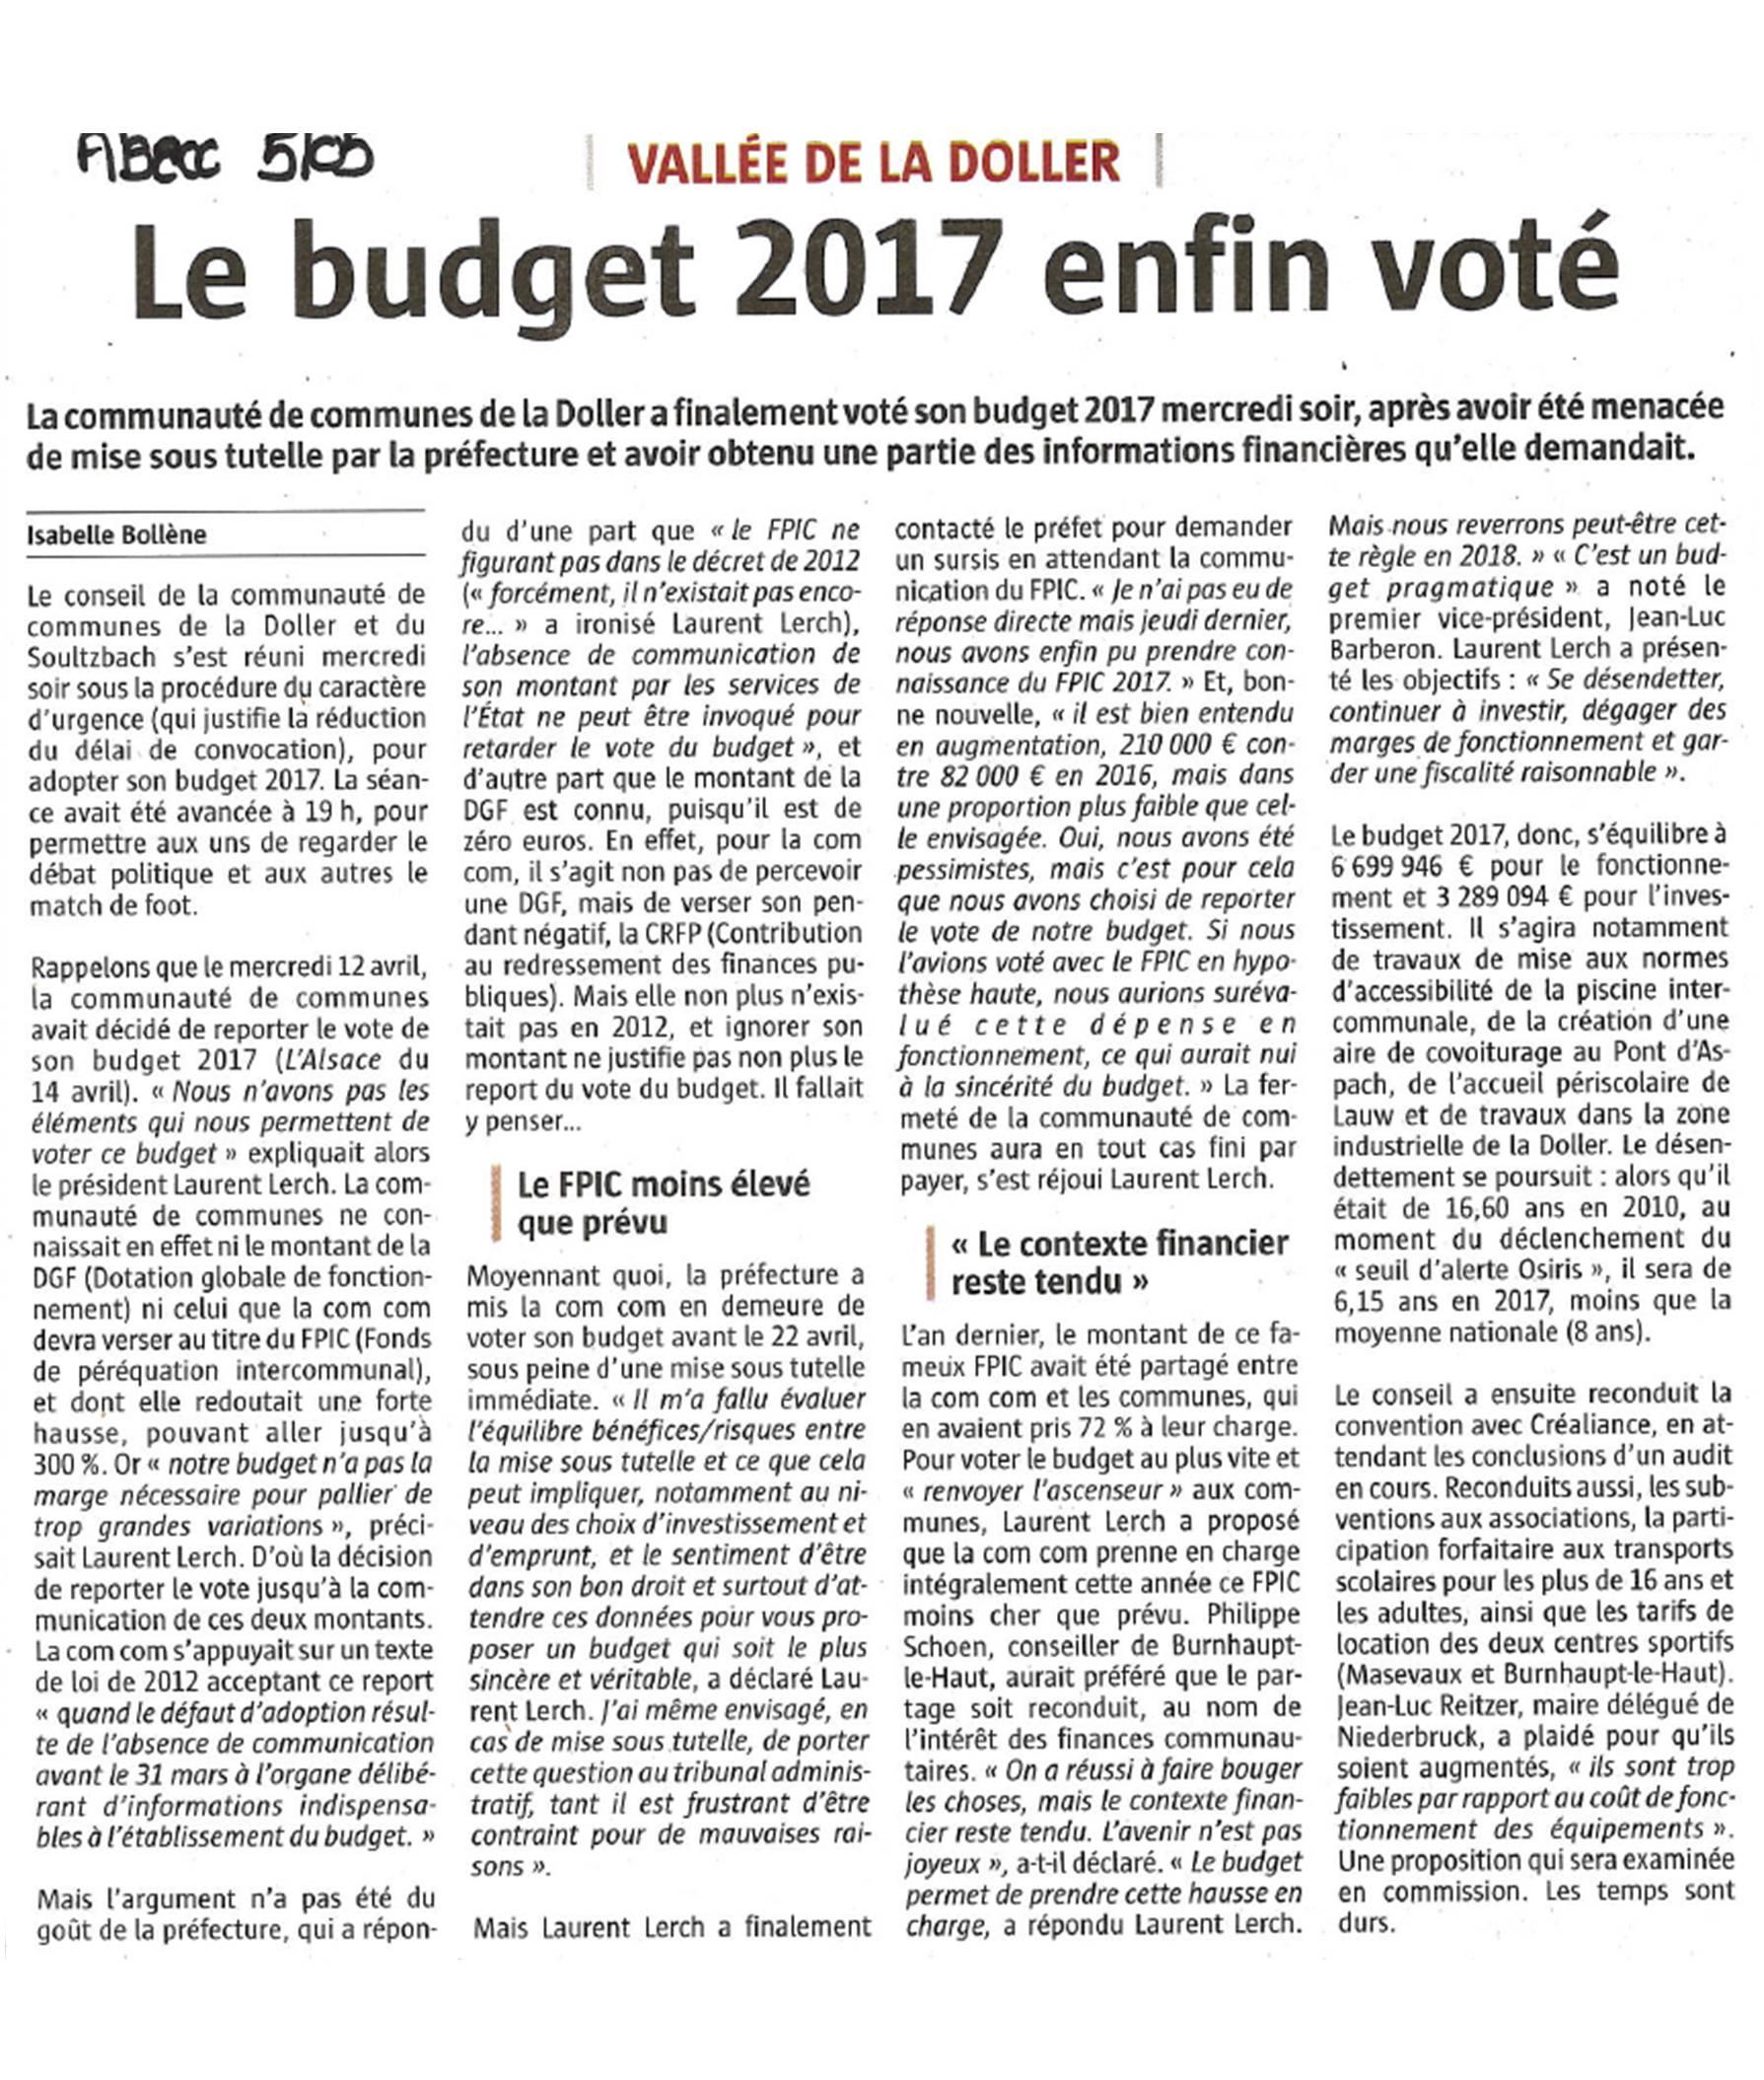 Le budget 2017 enfin voté - L'Alsace - 05-05-2017